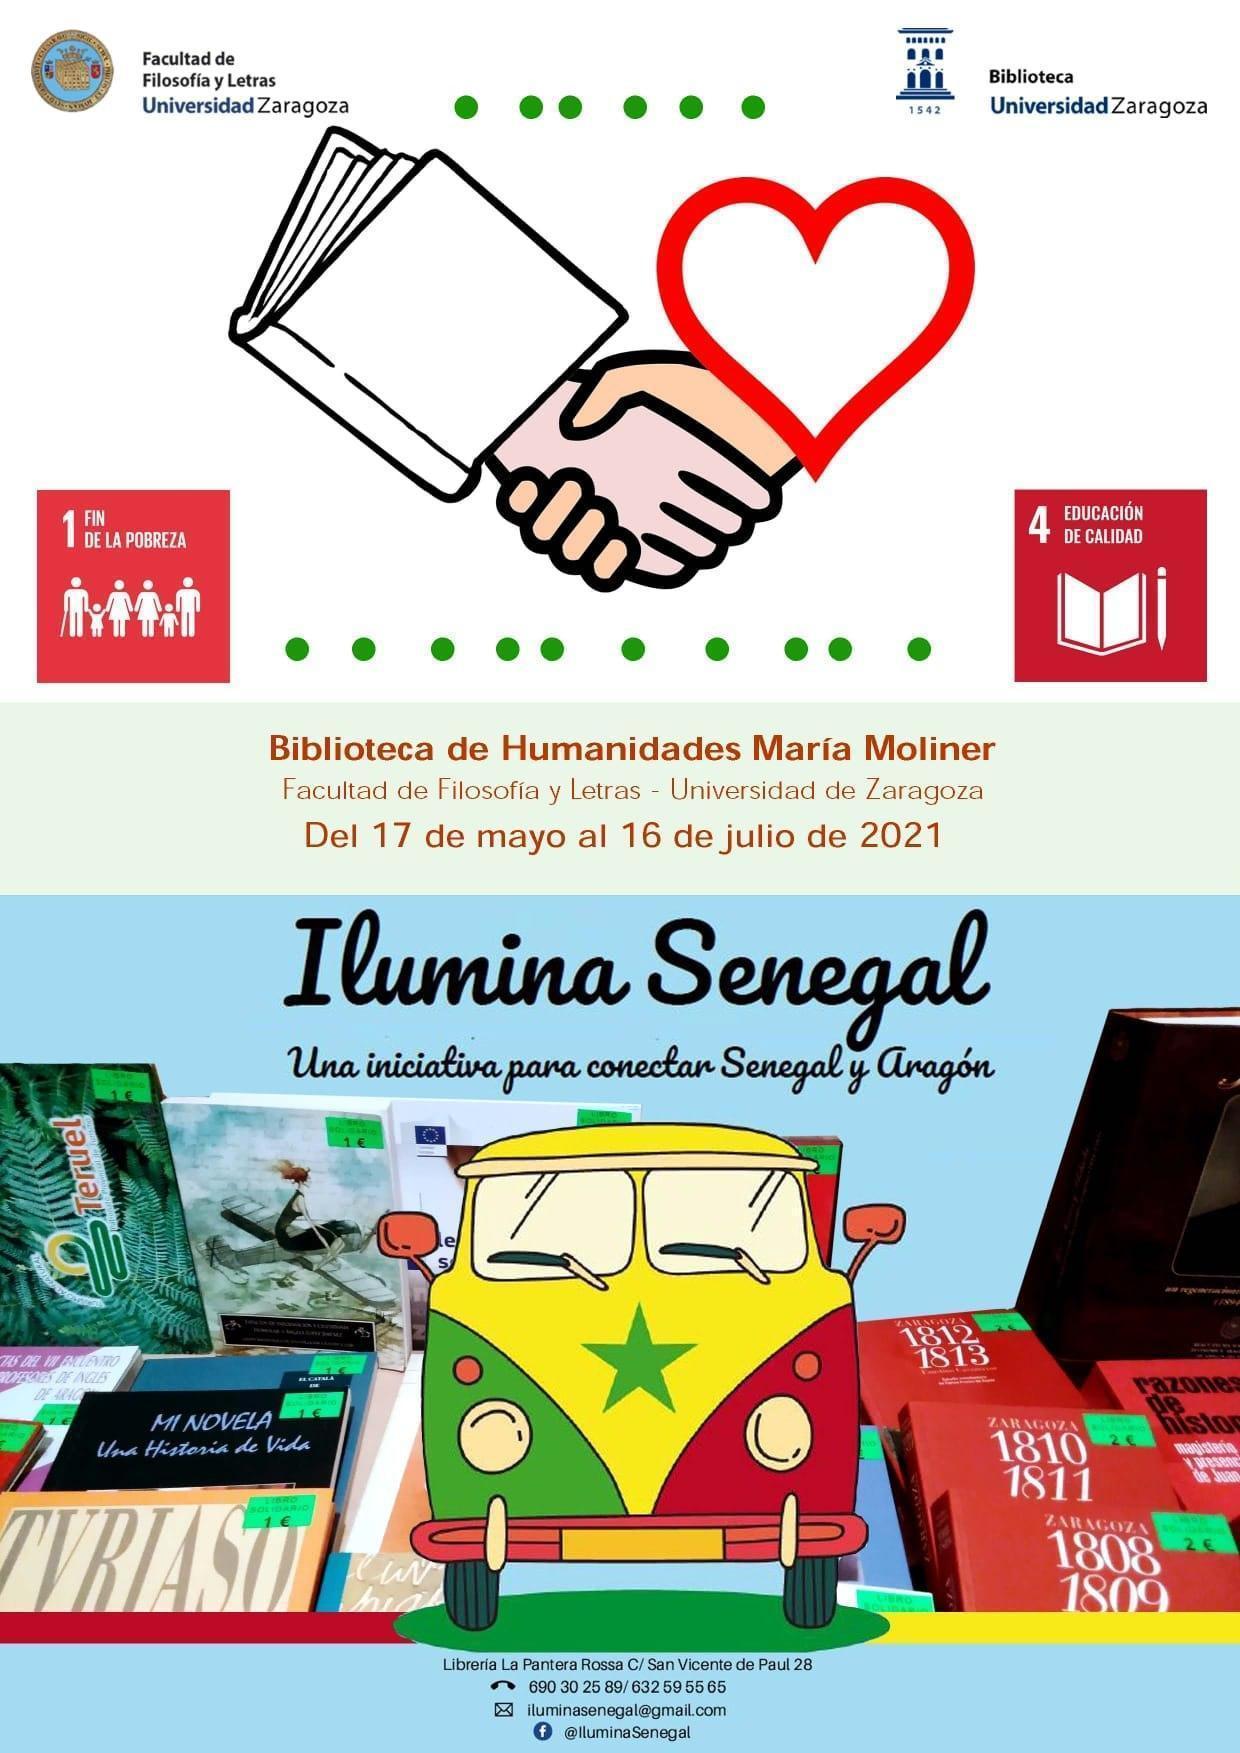 Mercadillo de libros para Senegal